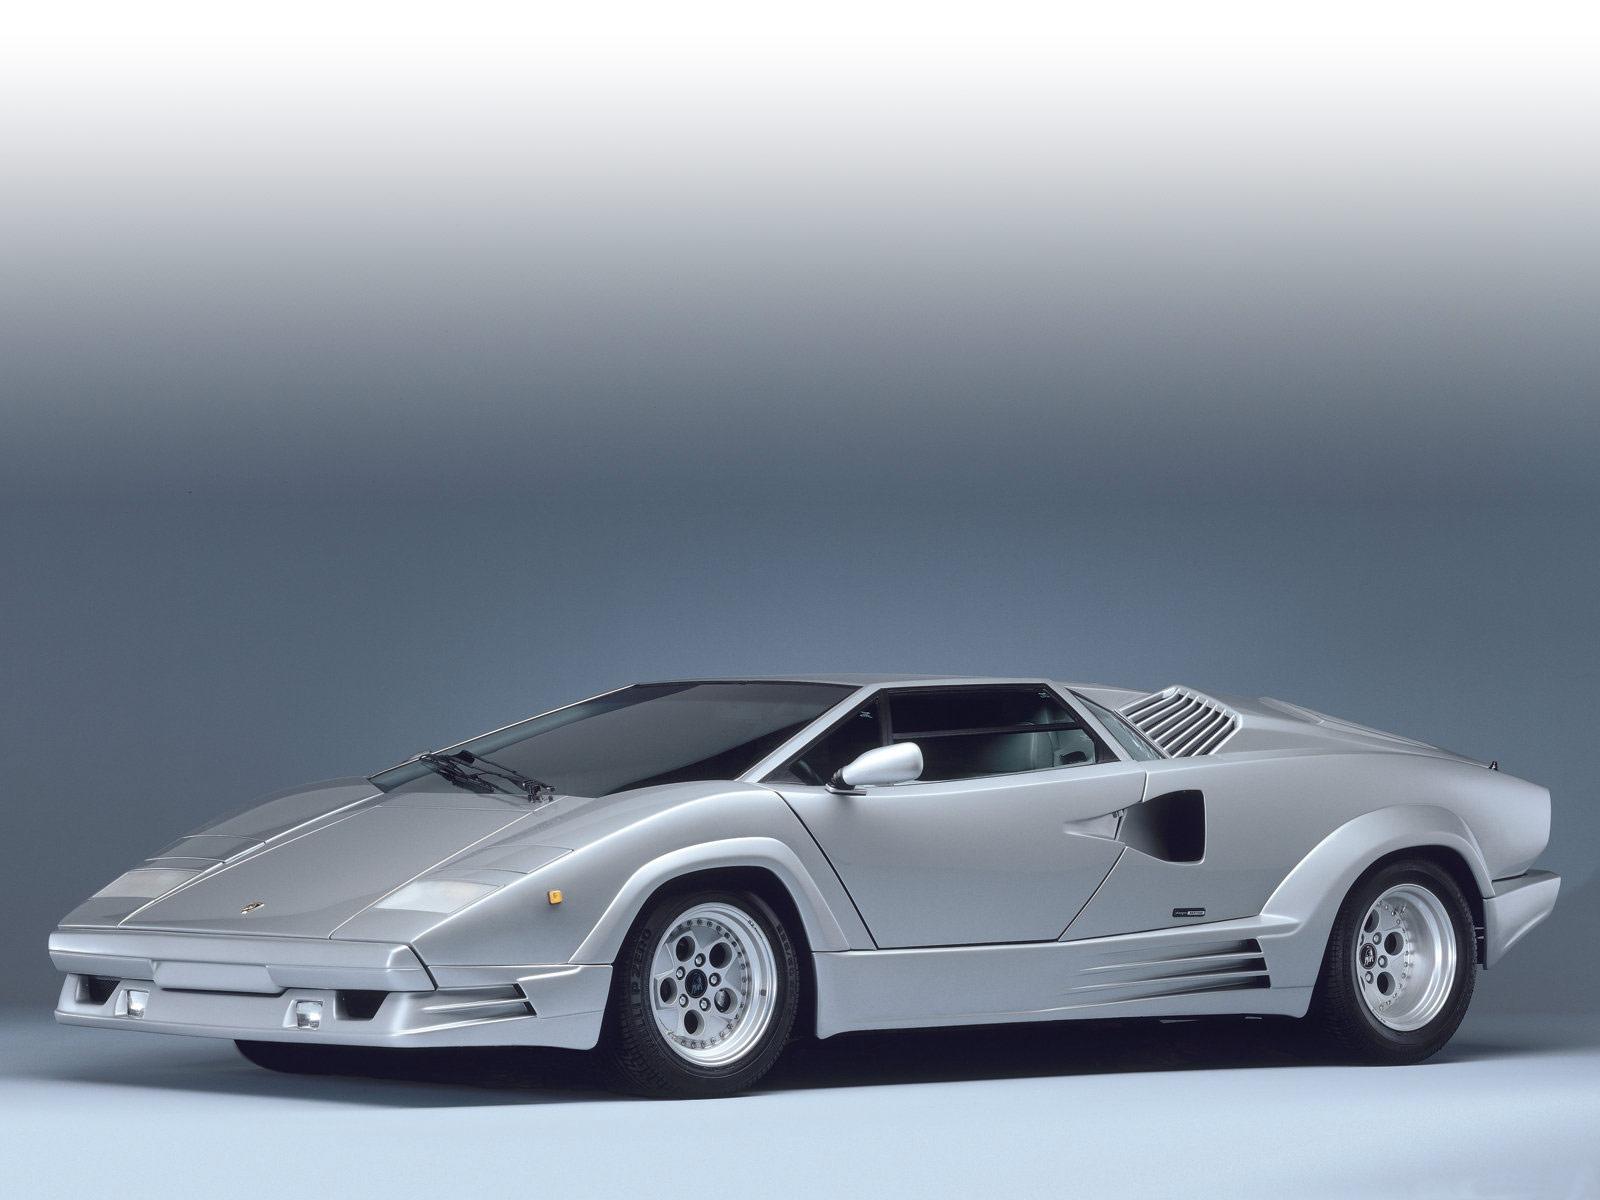 1989 Lamborghini Countach 25th Anniversary Pictures